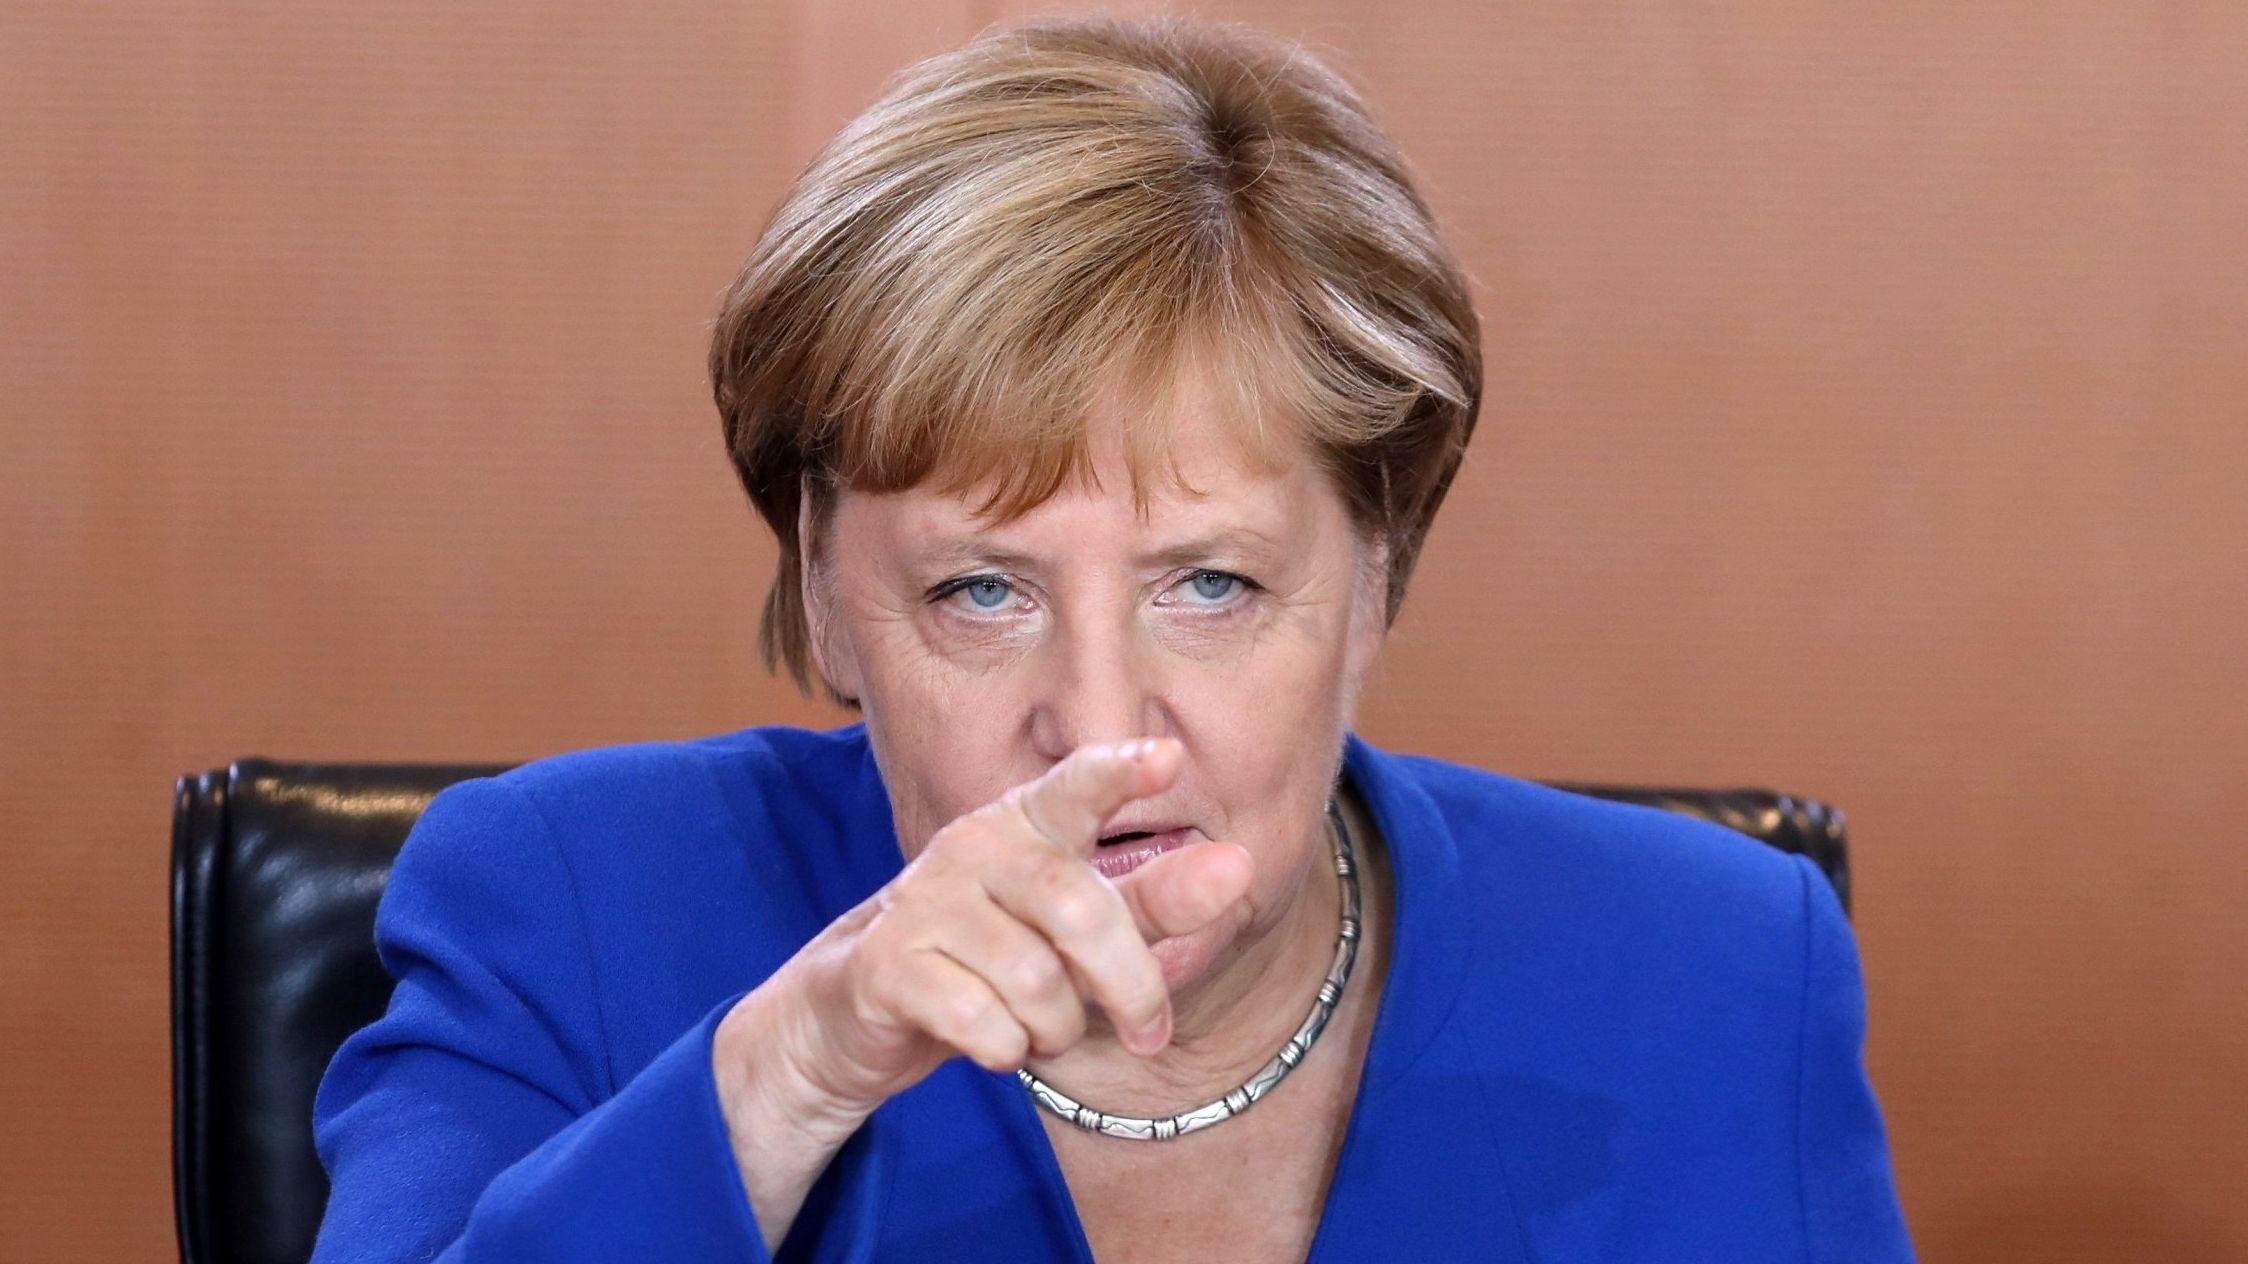 Salinas, Castrillón, playa, Asturias,.El Gobierno de Angela Merkel está escrutando las cuentas de los residentes de otras nacionalidades comunitarias